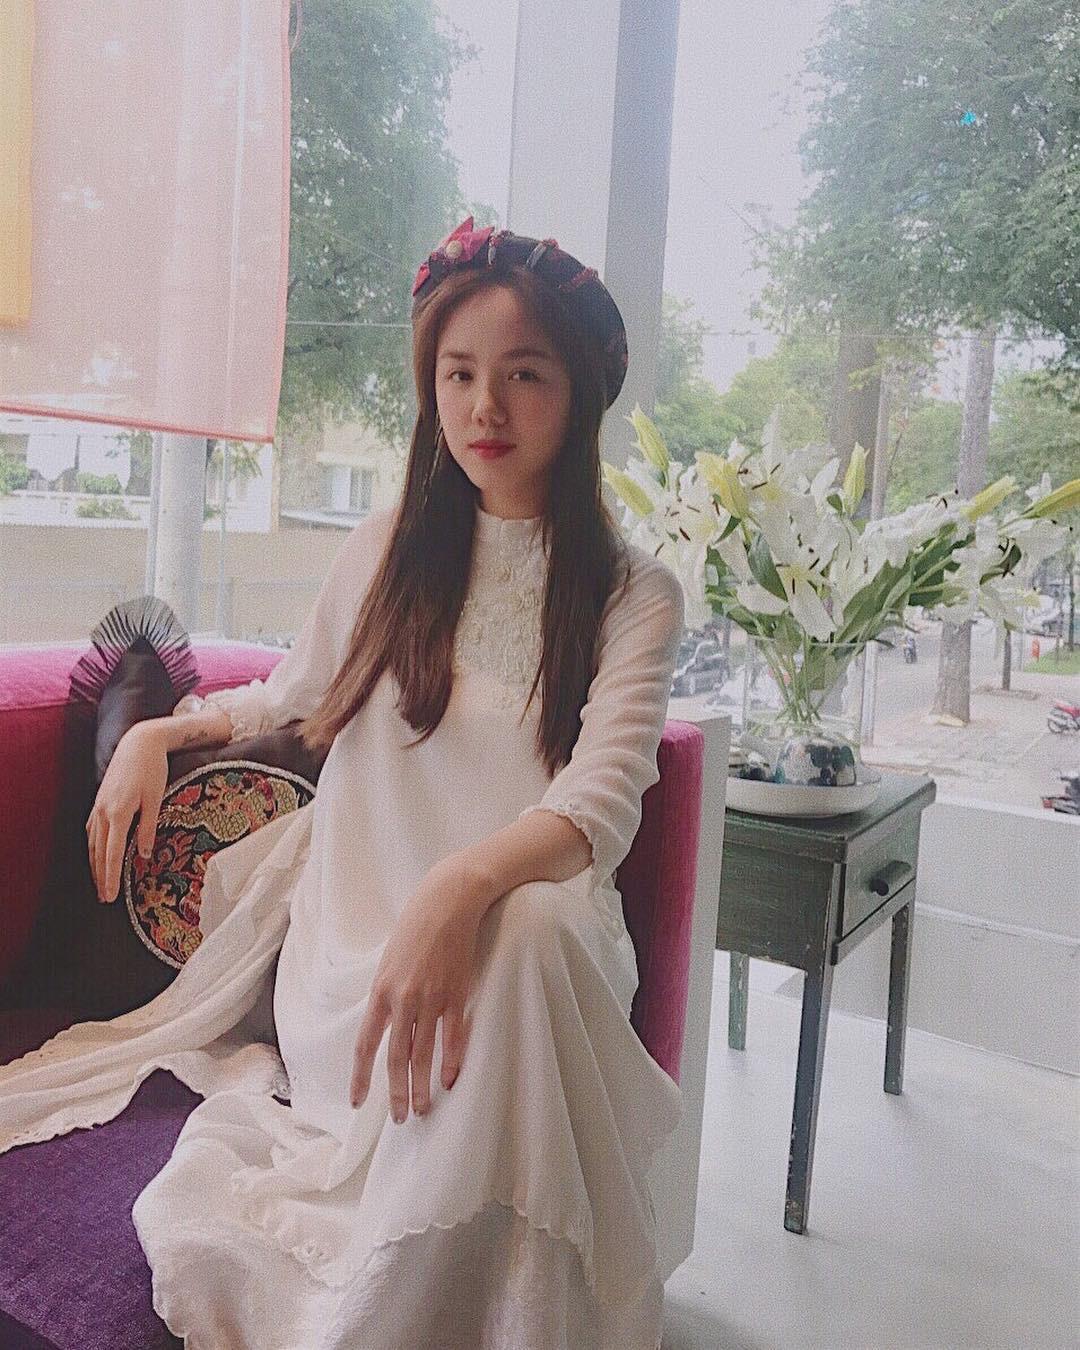 Năm 2017, nhờ phim Việt mà áo dài lên ngôi, được giới trẻ diện nhiều không thua kém các hot trend thời thượng - Ảnh 13.